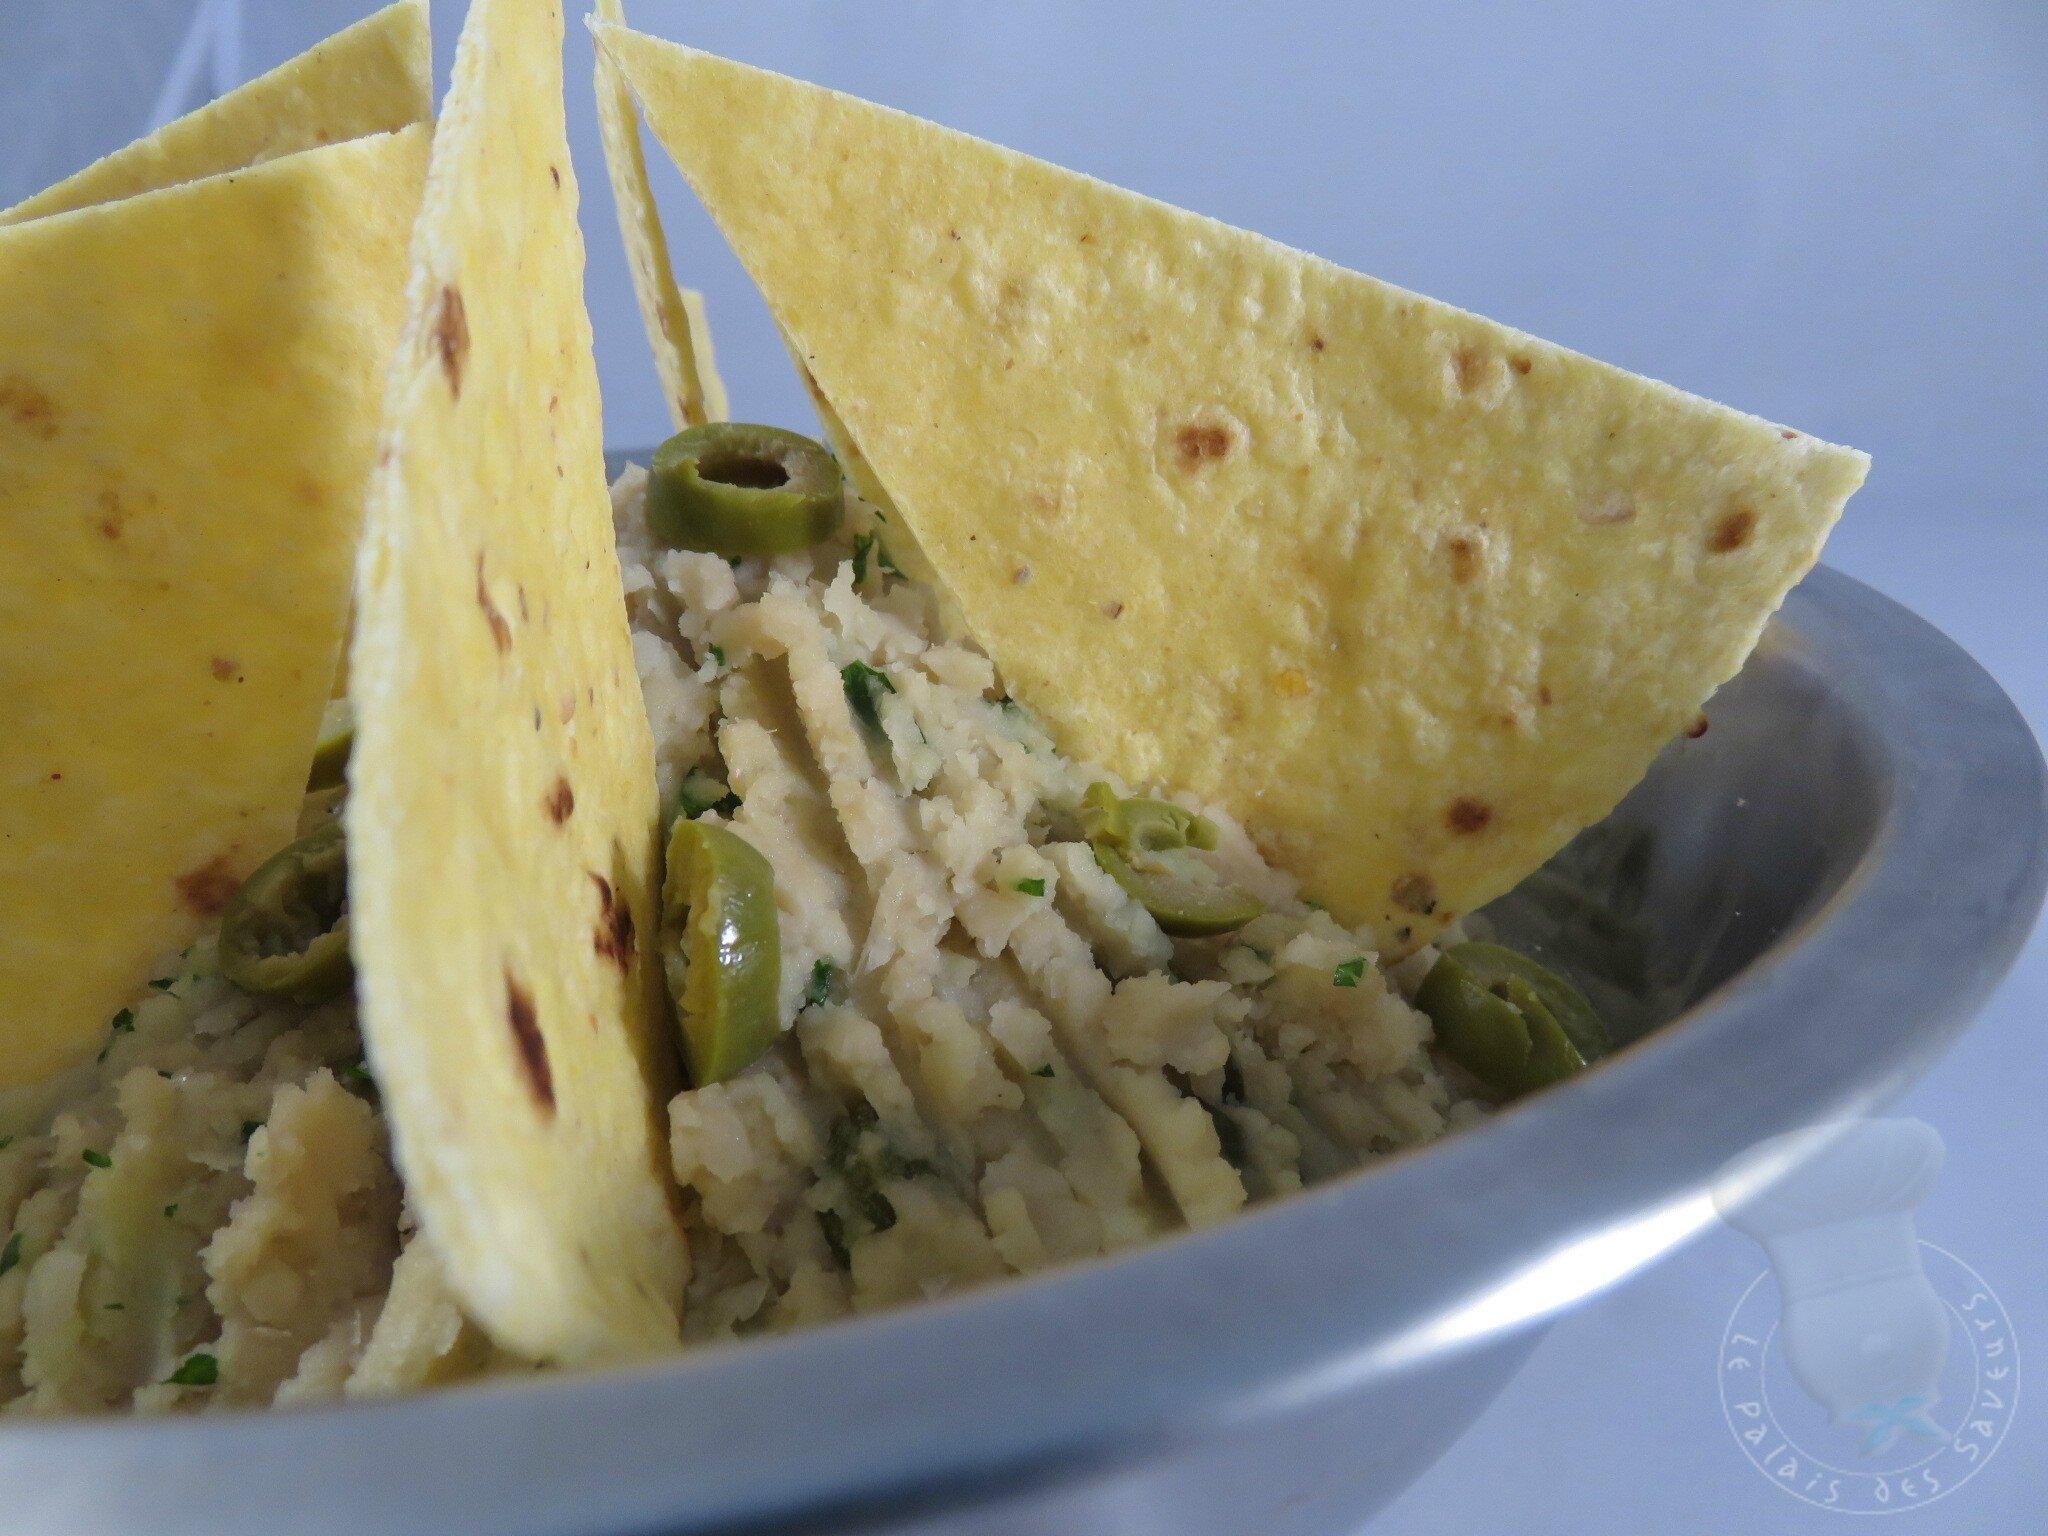 Rilettes de haricots blancs aux olives vertes